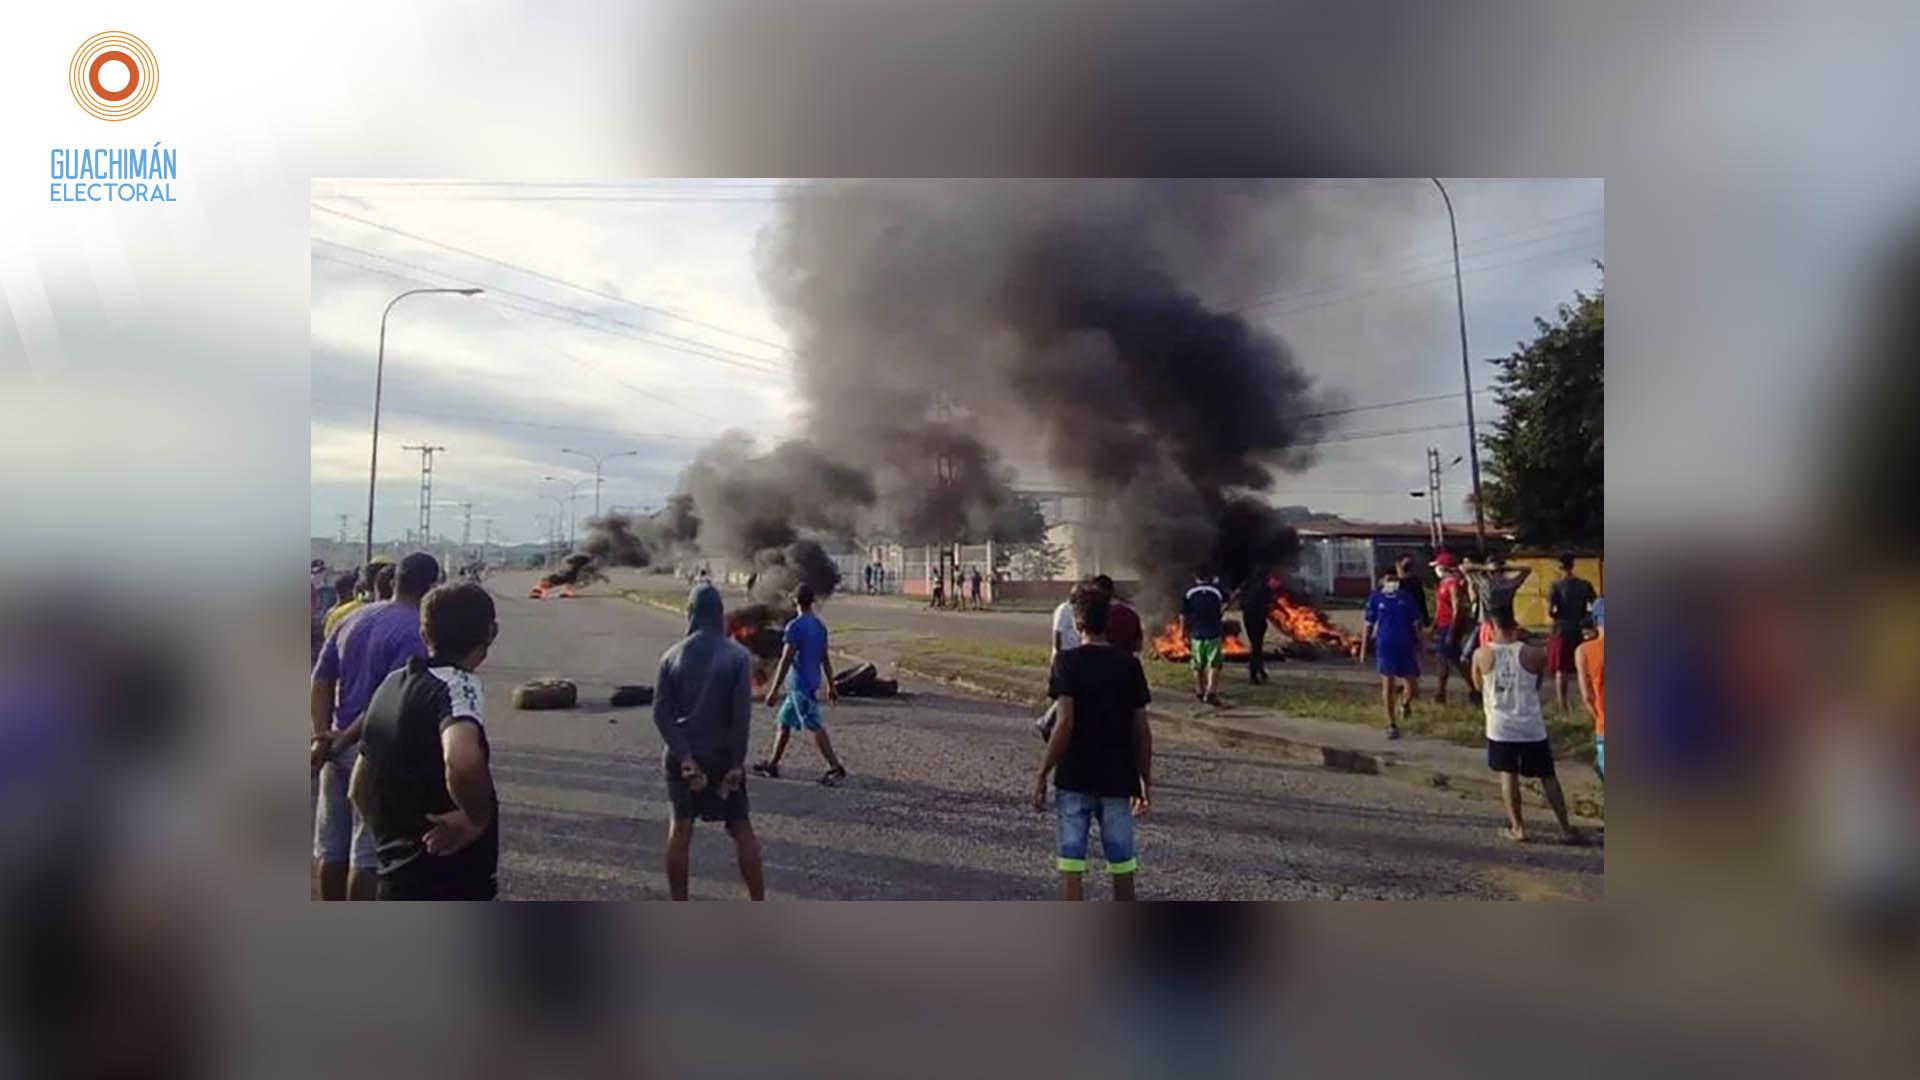 #GuachimánElectoral | Del 21 al 27#Sep: DD. HH. y protestas anularon el tema #6D en redes sociales